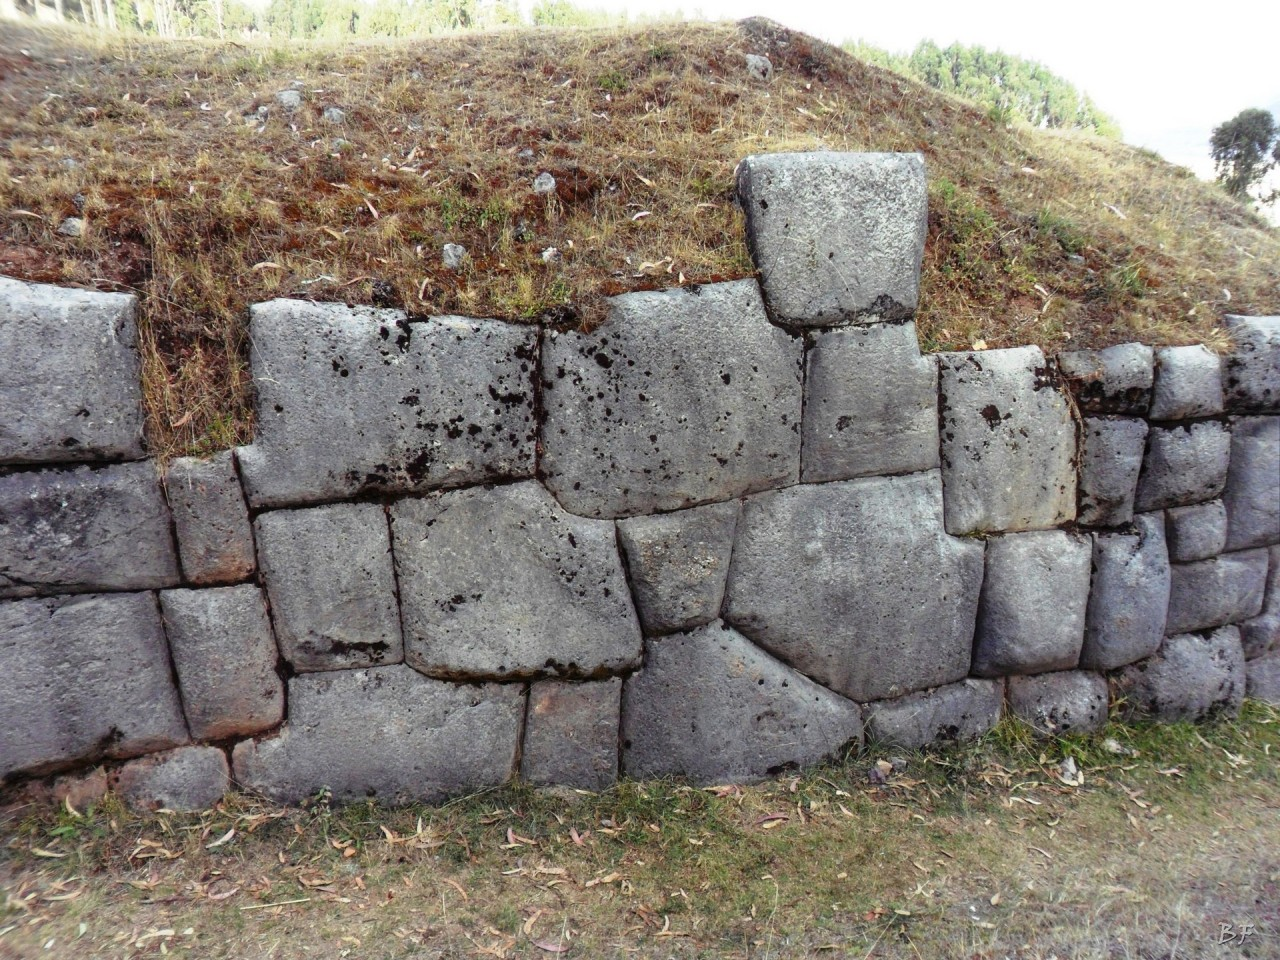 Qenqo-Chico-Altari-Mura-Poligonali-Megaliti-Cusco-Perù-15